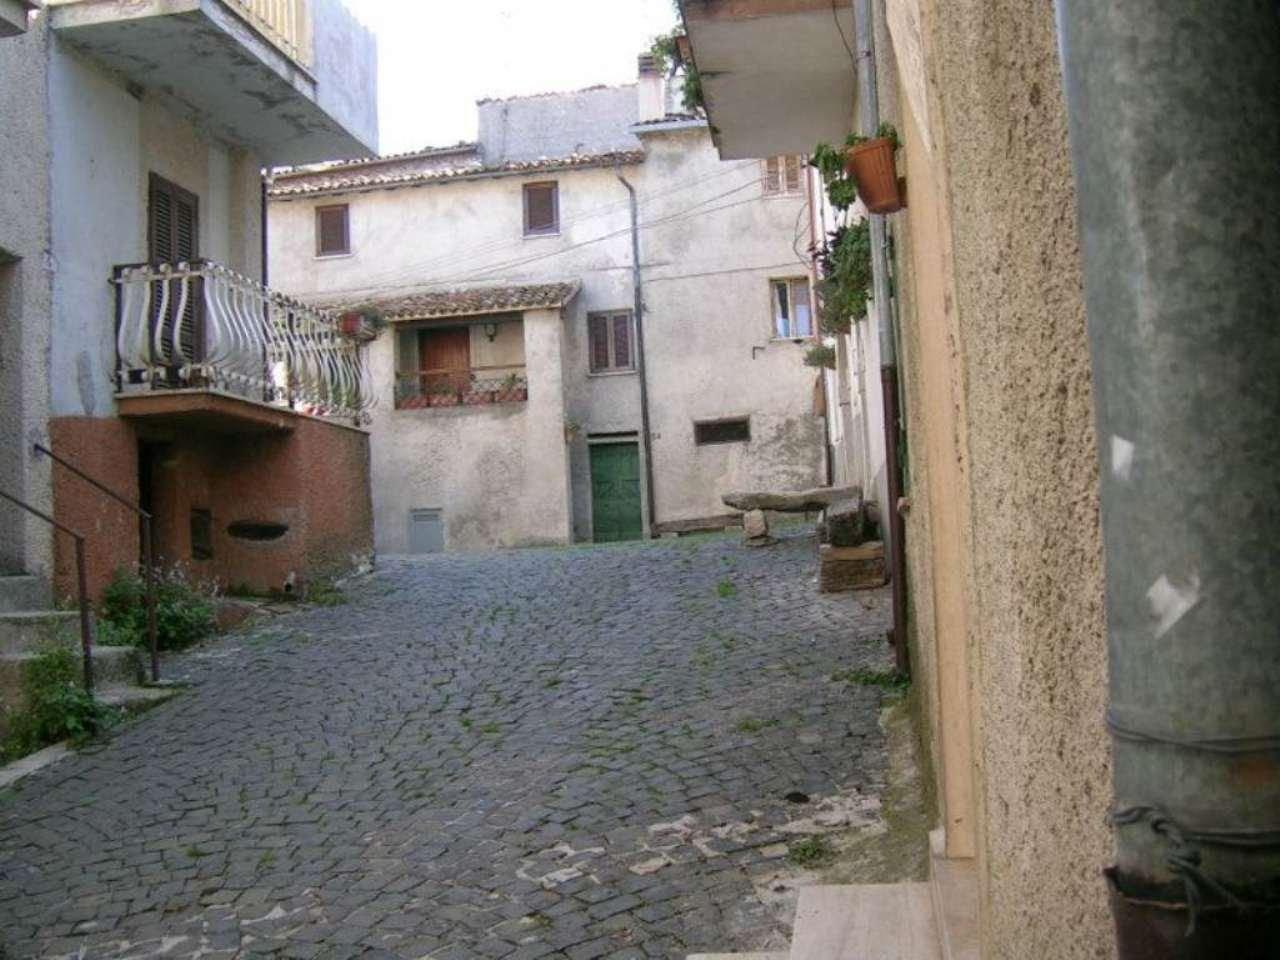 Soluzione Indipendente in vendita a Carsoli, 4 locali, prezzo € 50.000 | Cambio Casa.it